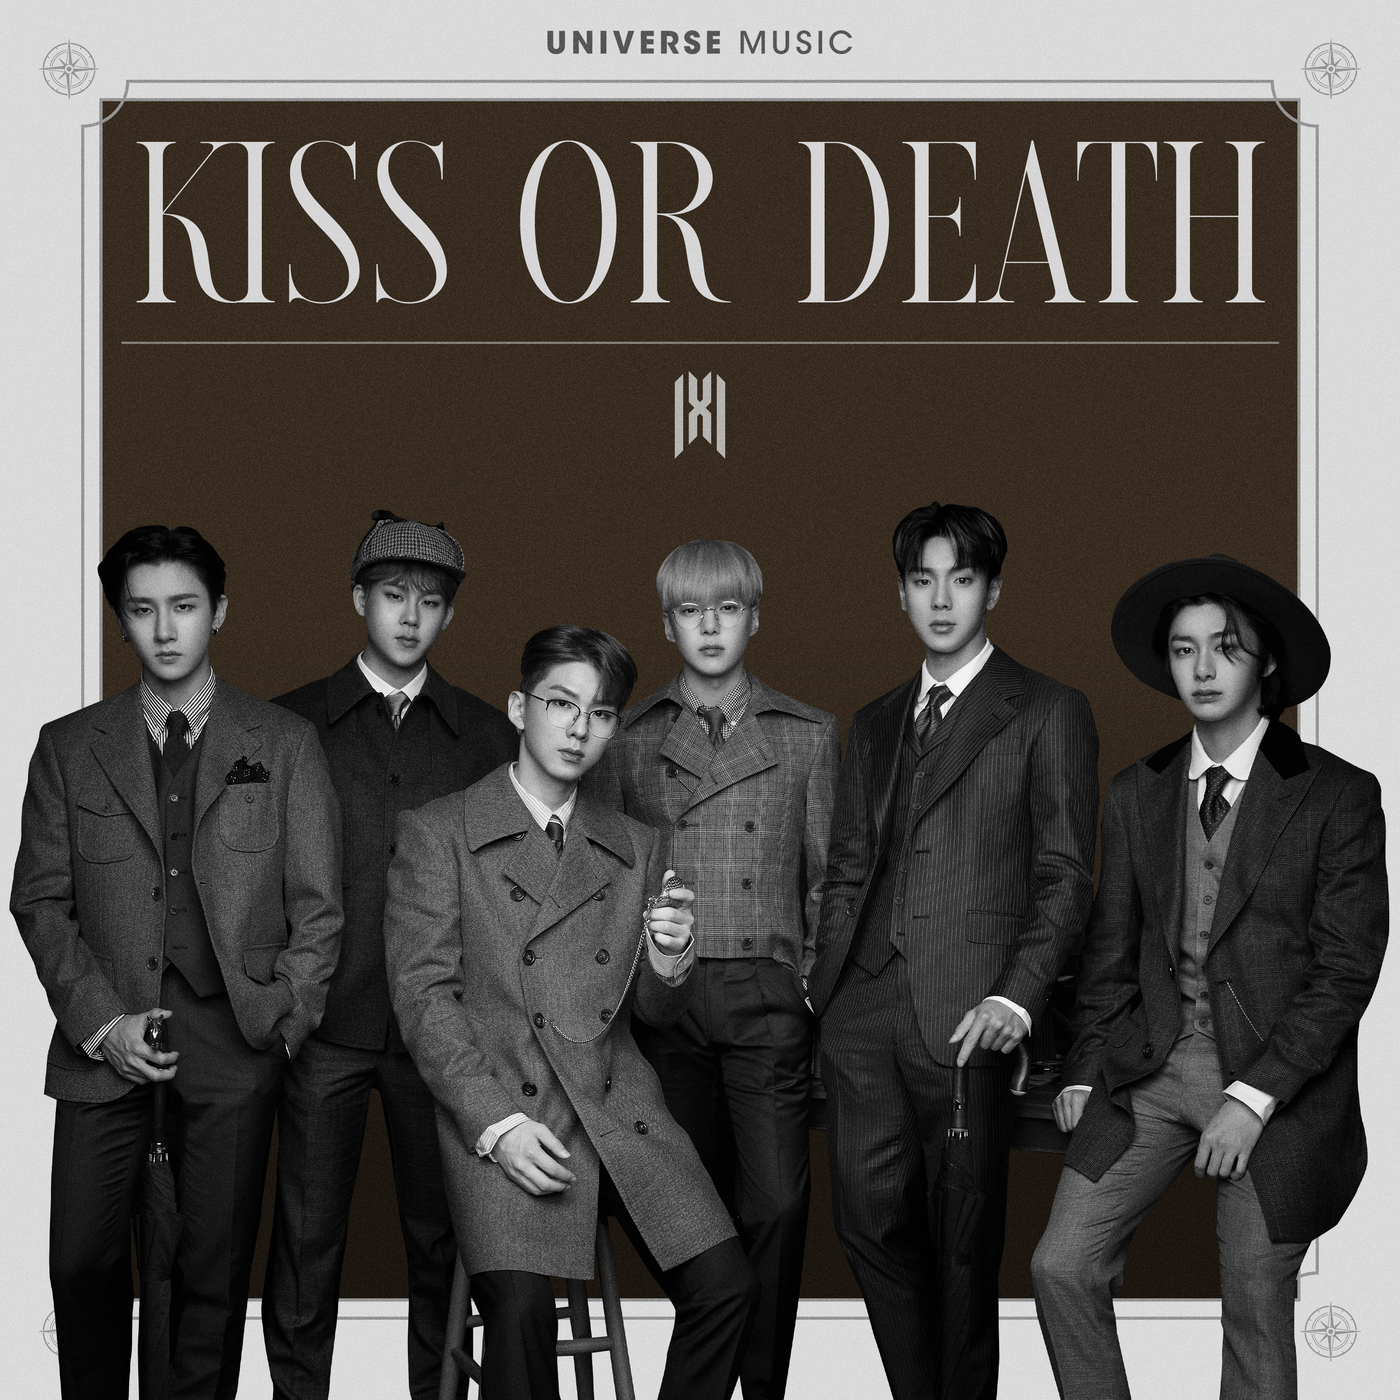 26일(월), 몬스타엑스 프로젝트 앨범 'KISS OR DEATH' 발매 | 인스티즈